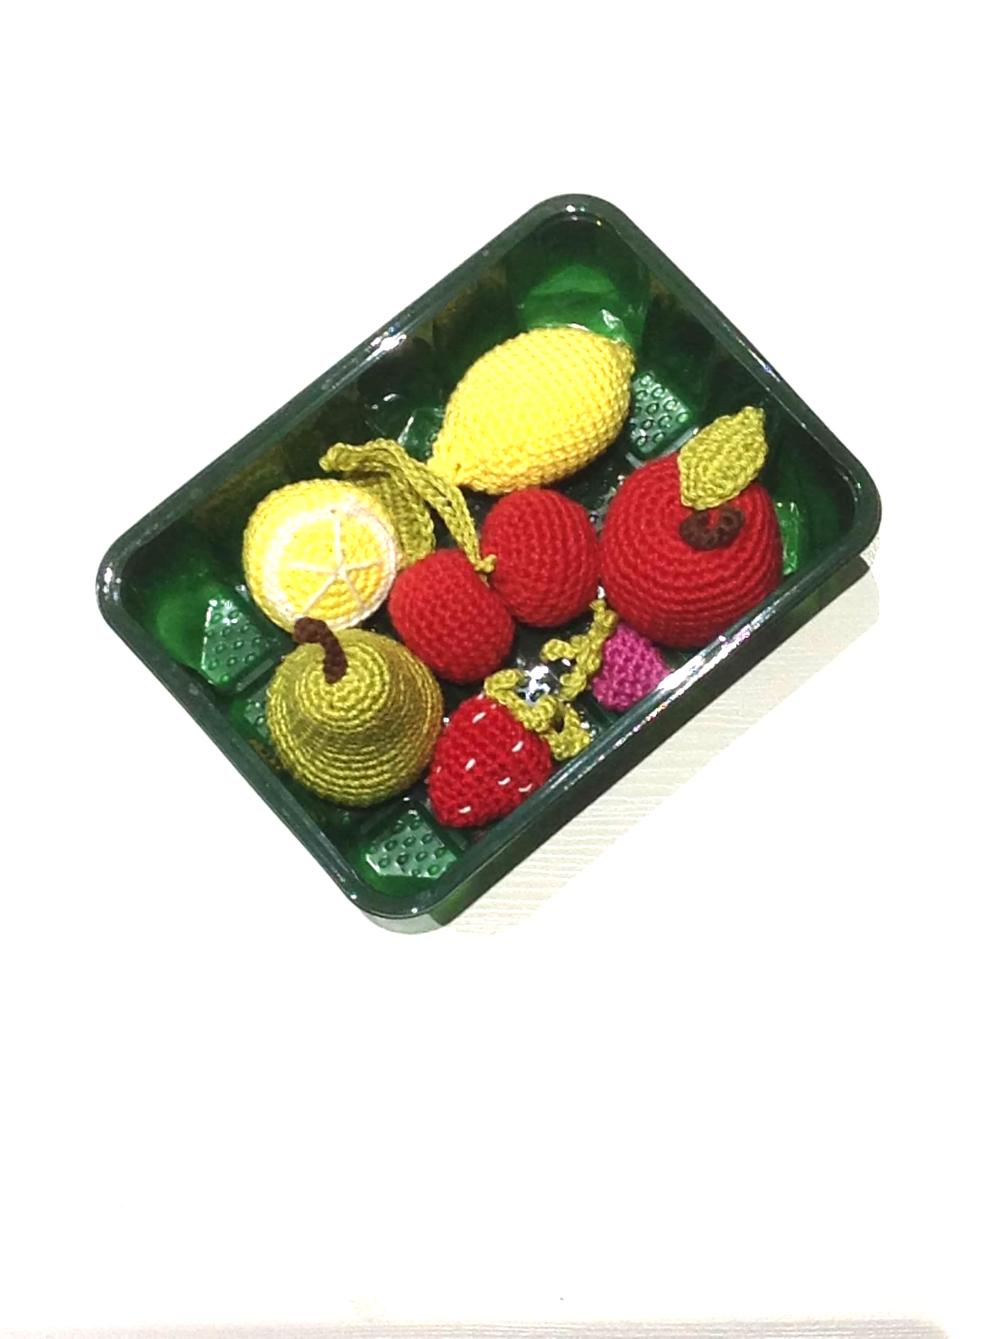 La cagette de fruits